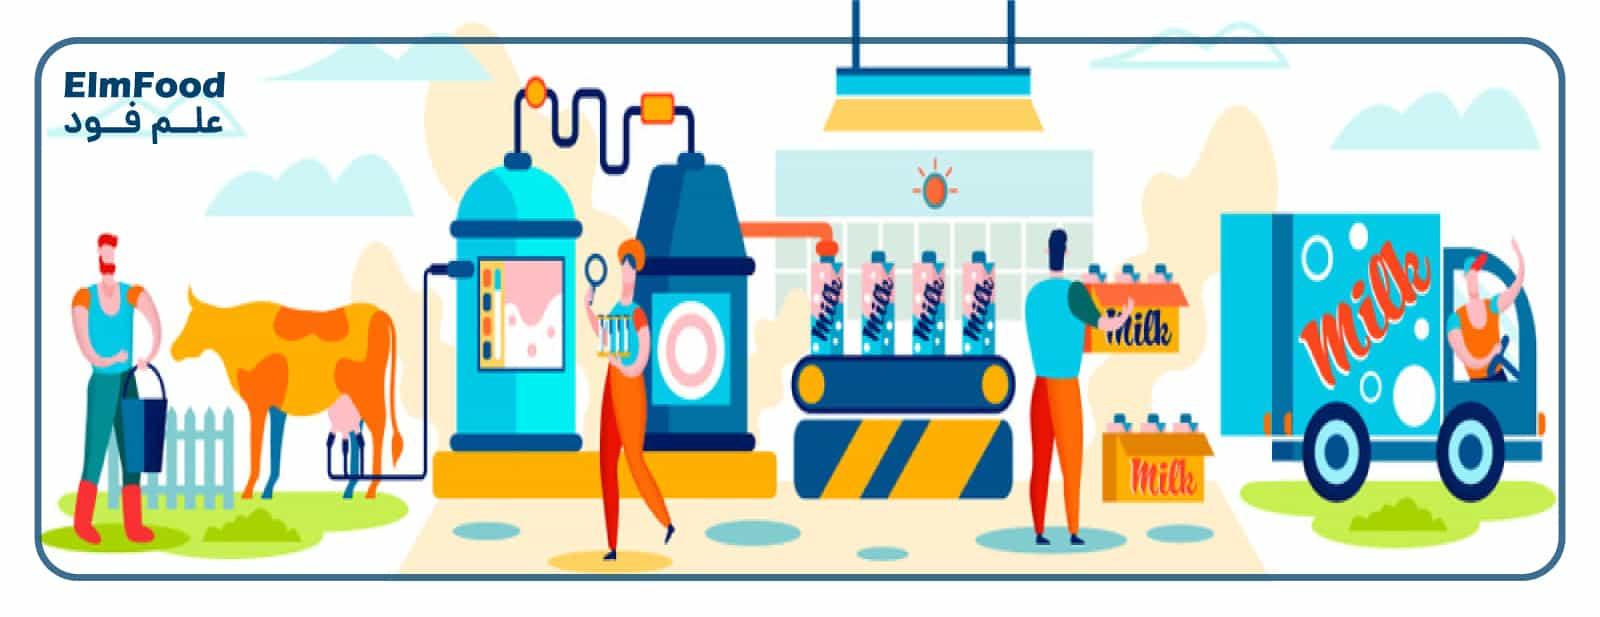 کارخانه تولید شیر فرادما